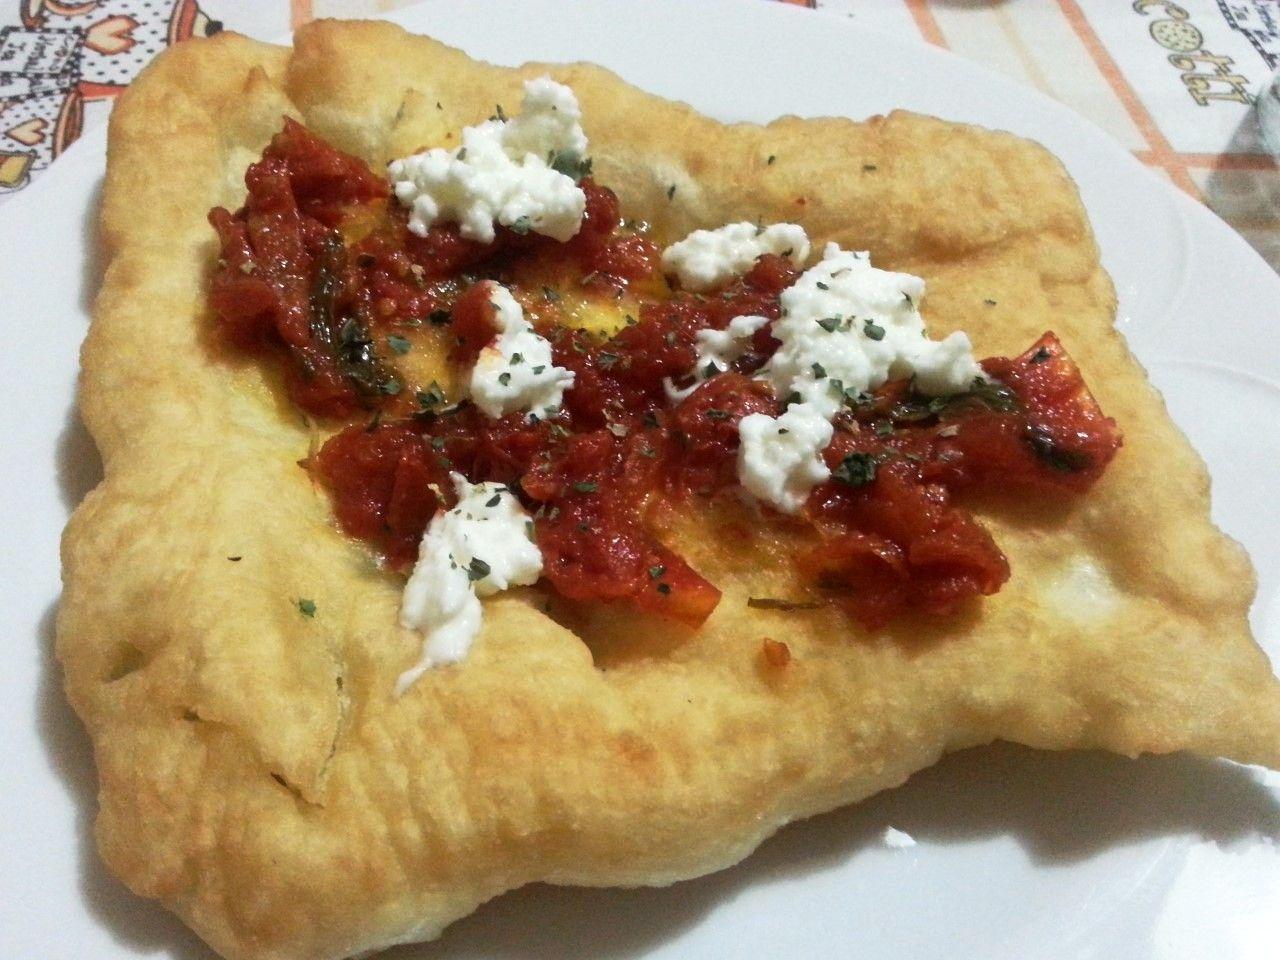 Pizza Frita Napolitana Receta Masa De Pizza Casera Como Preparar Masa De Pizza Italiana Como Hacer Una Pi Pizza Frita Recetas De Comida Recetas Italianas